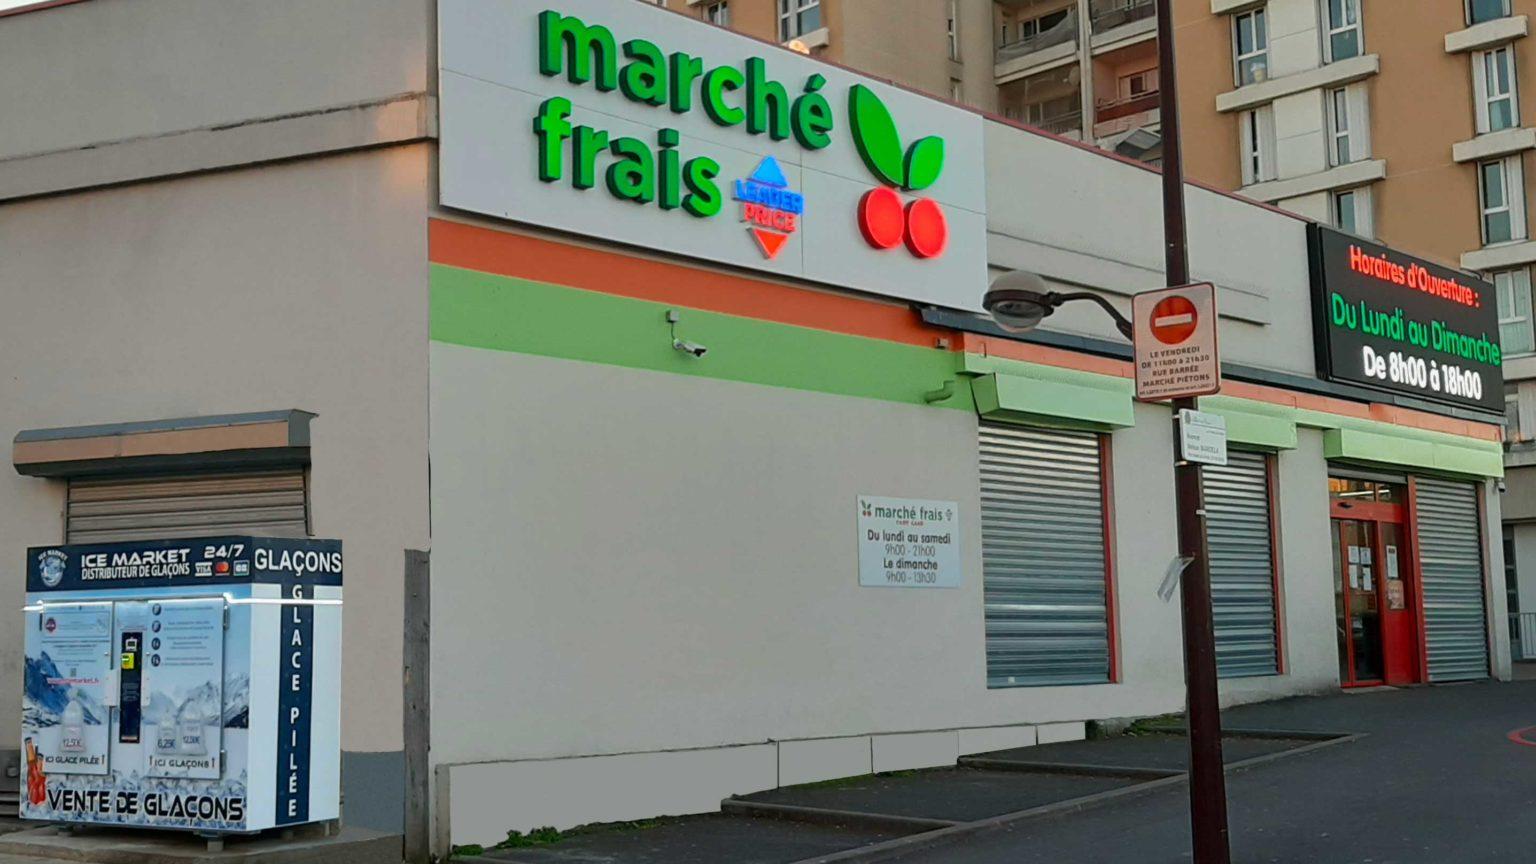 Distribteur-automatique-de-glacons-et-glace-pilee-marche-frais-Leader-Price-Villiers-sur-Marne